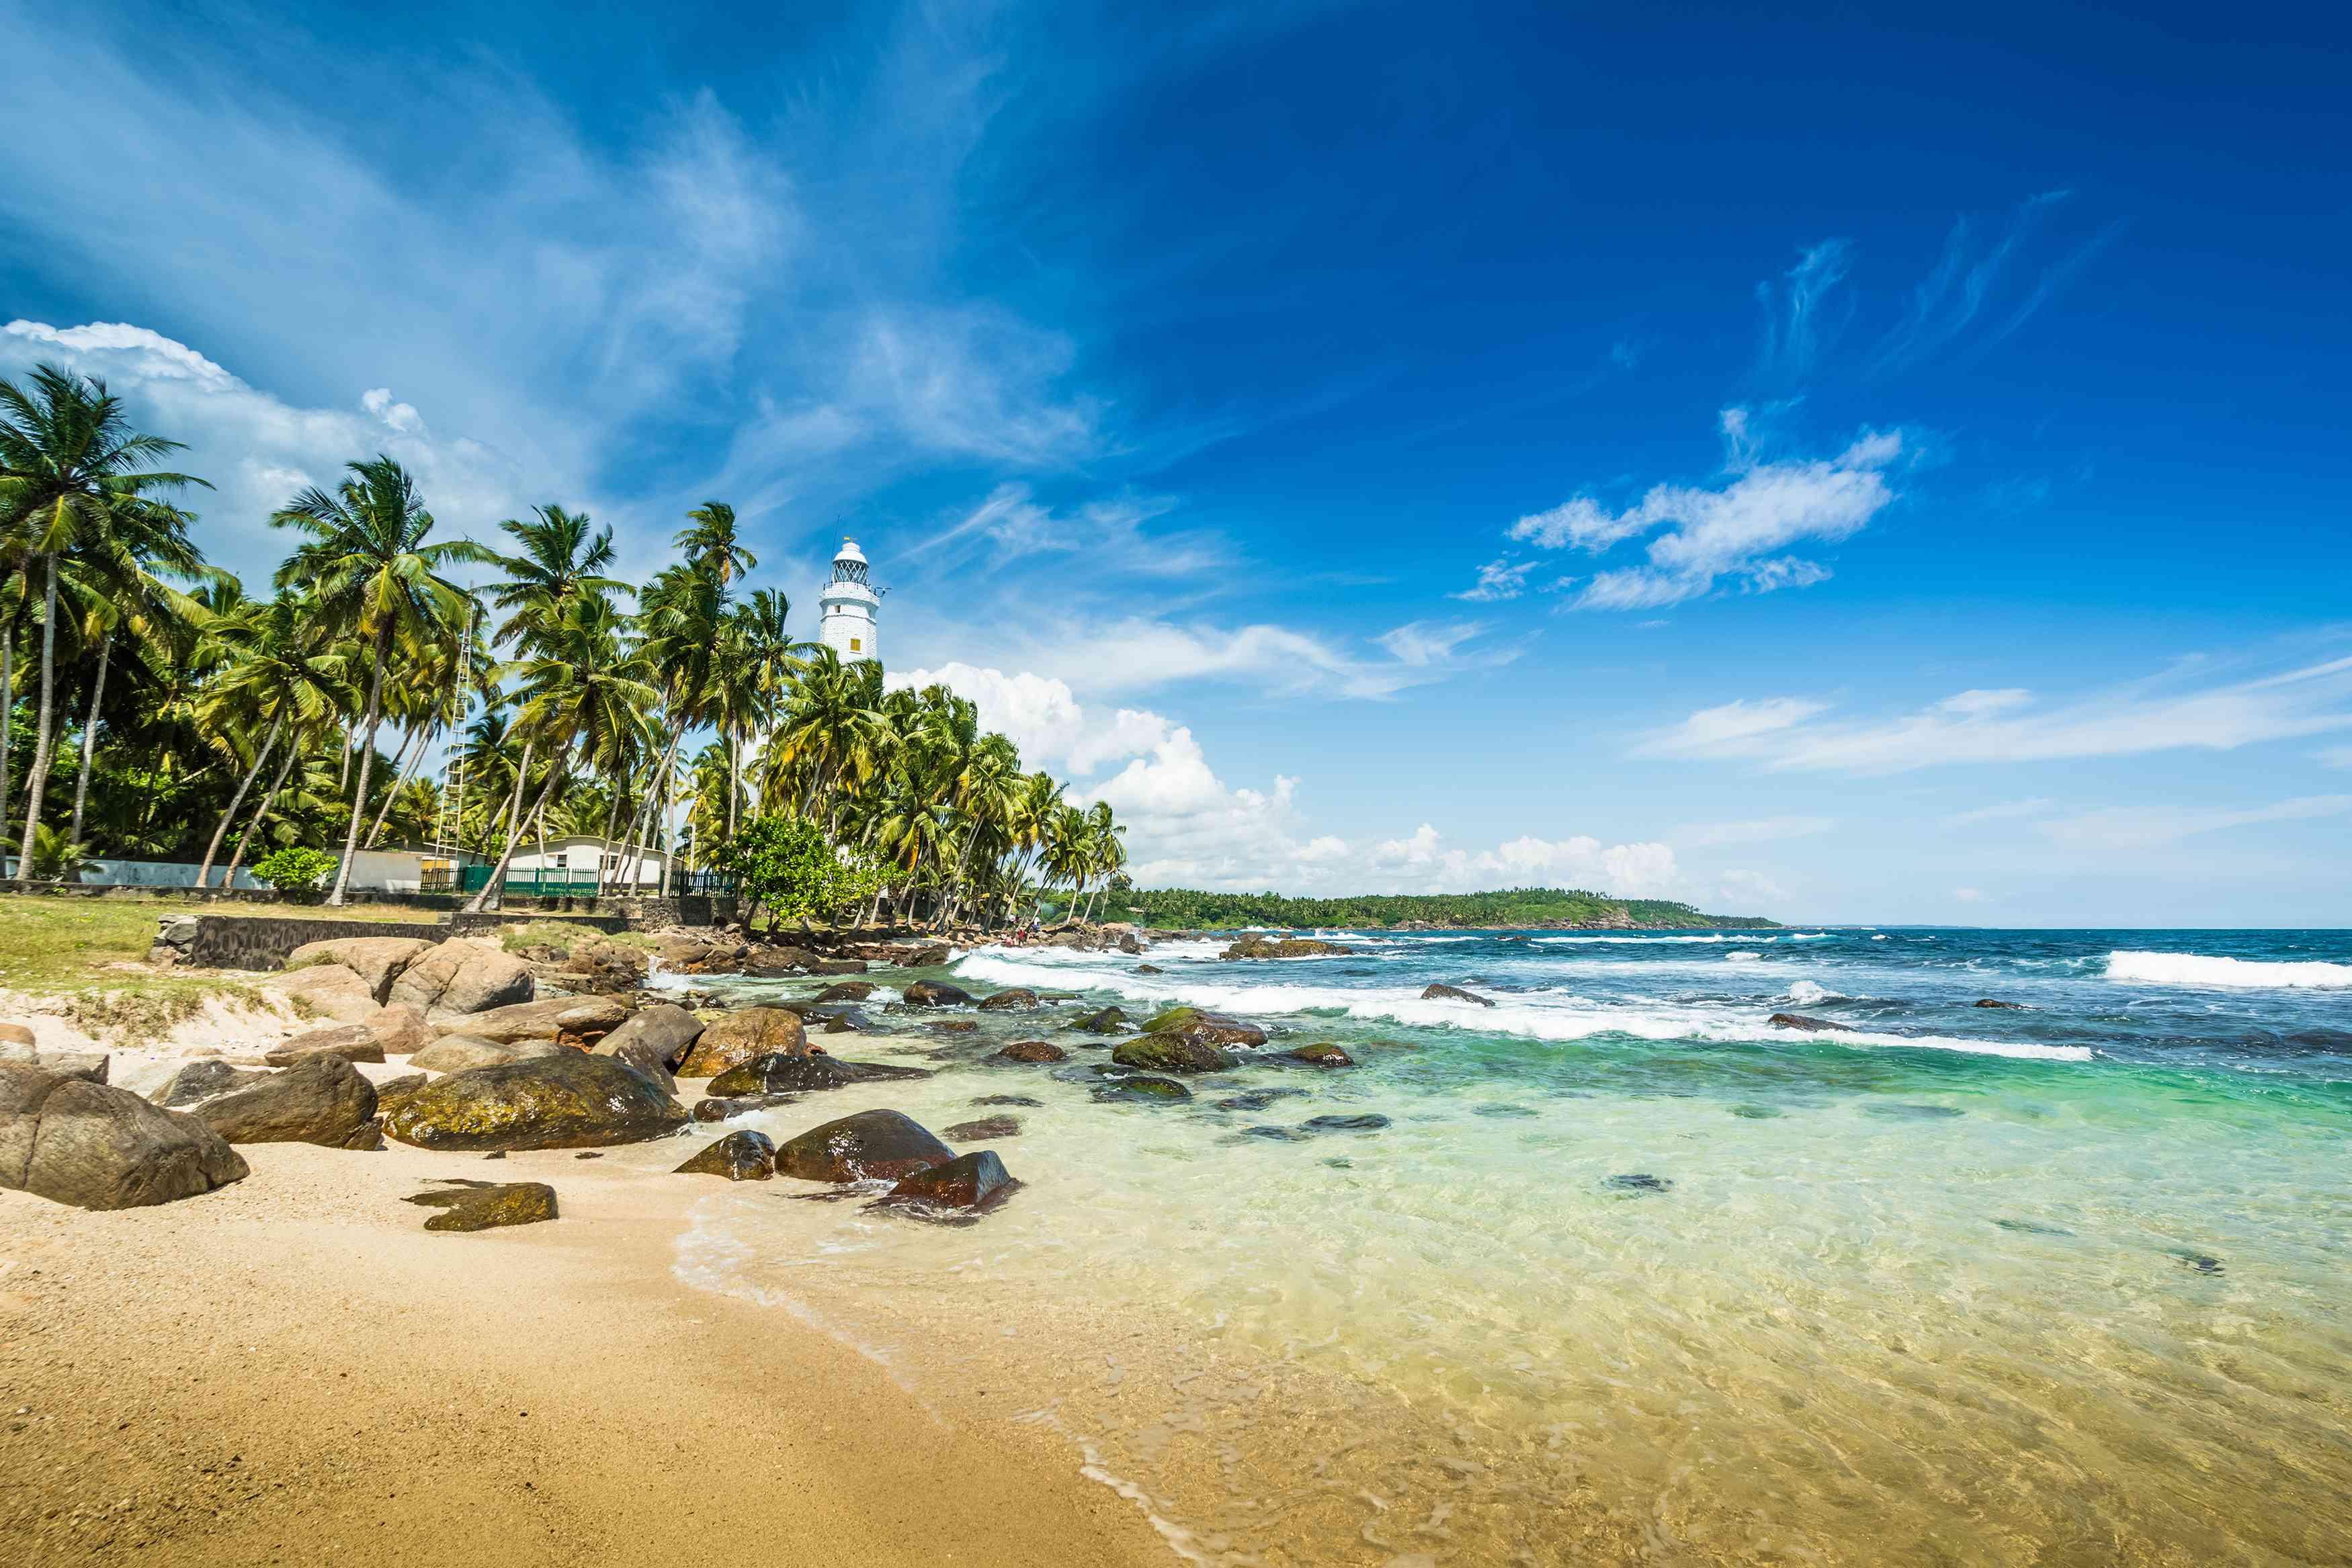 Blue water and sky at Arugam Bay, Sri Lanka